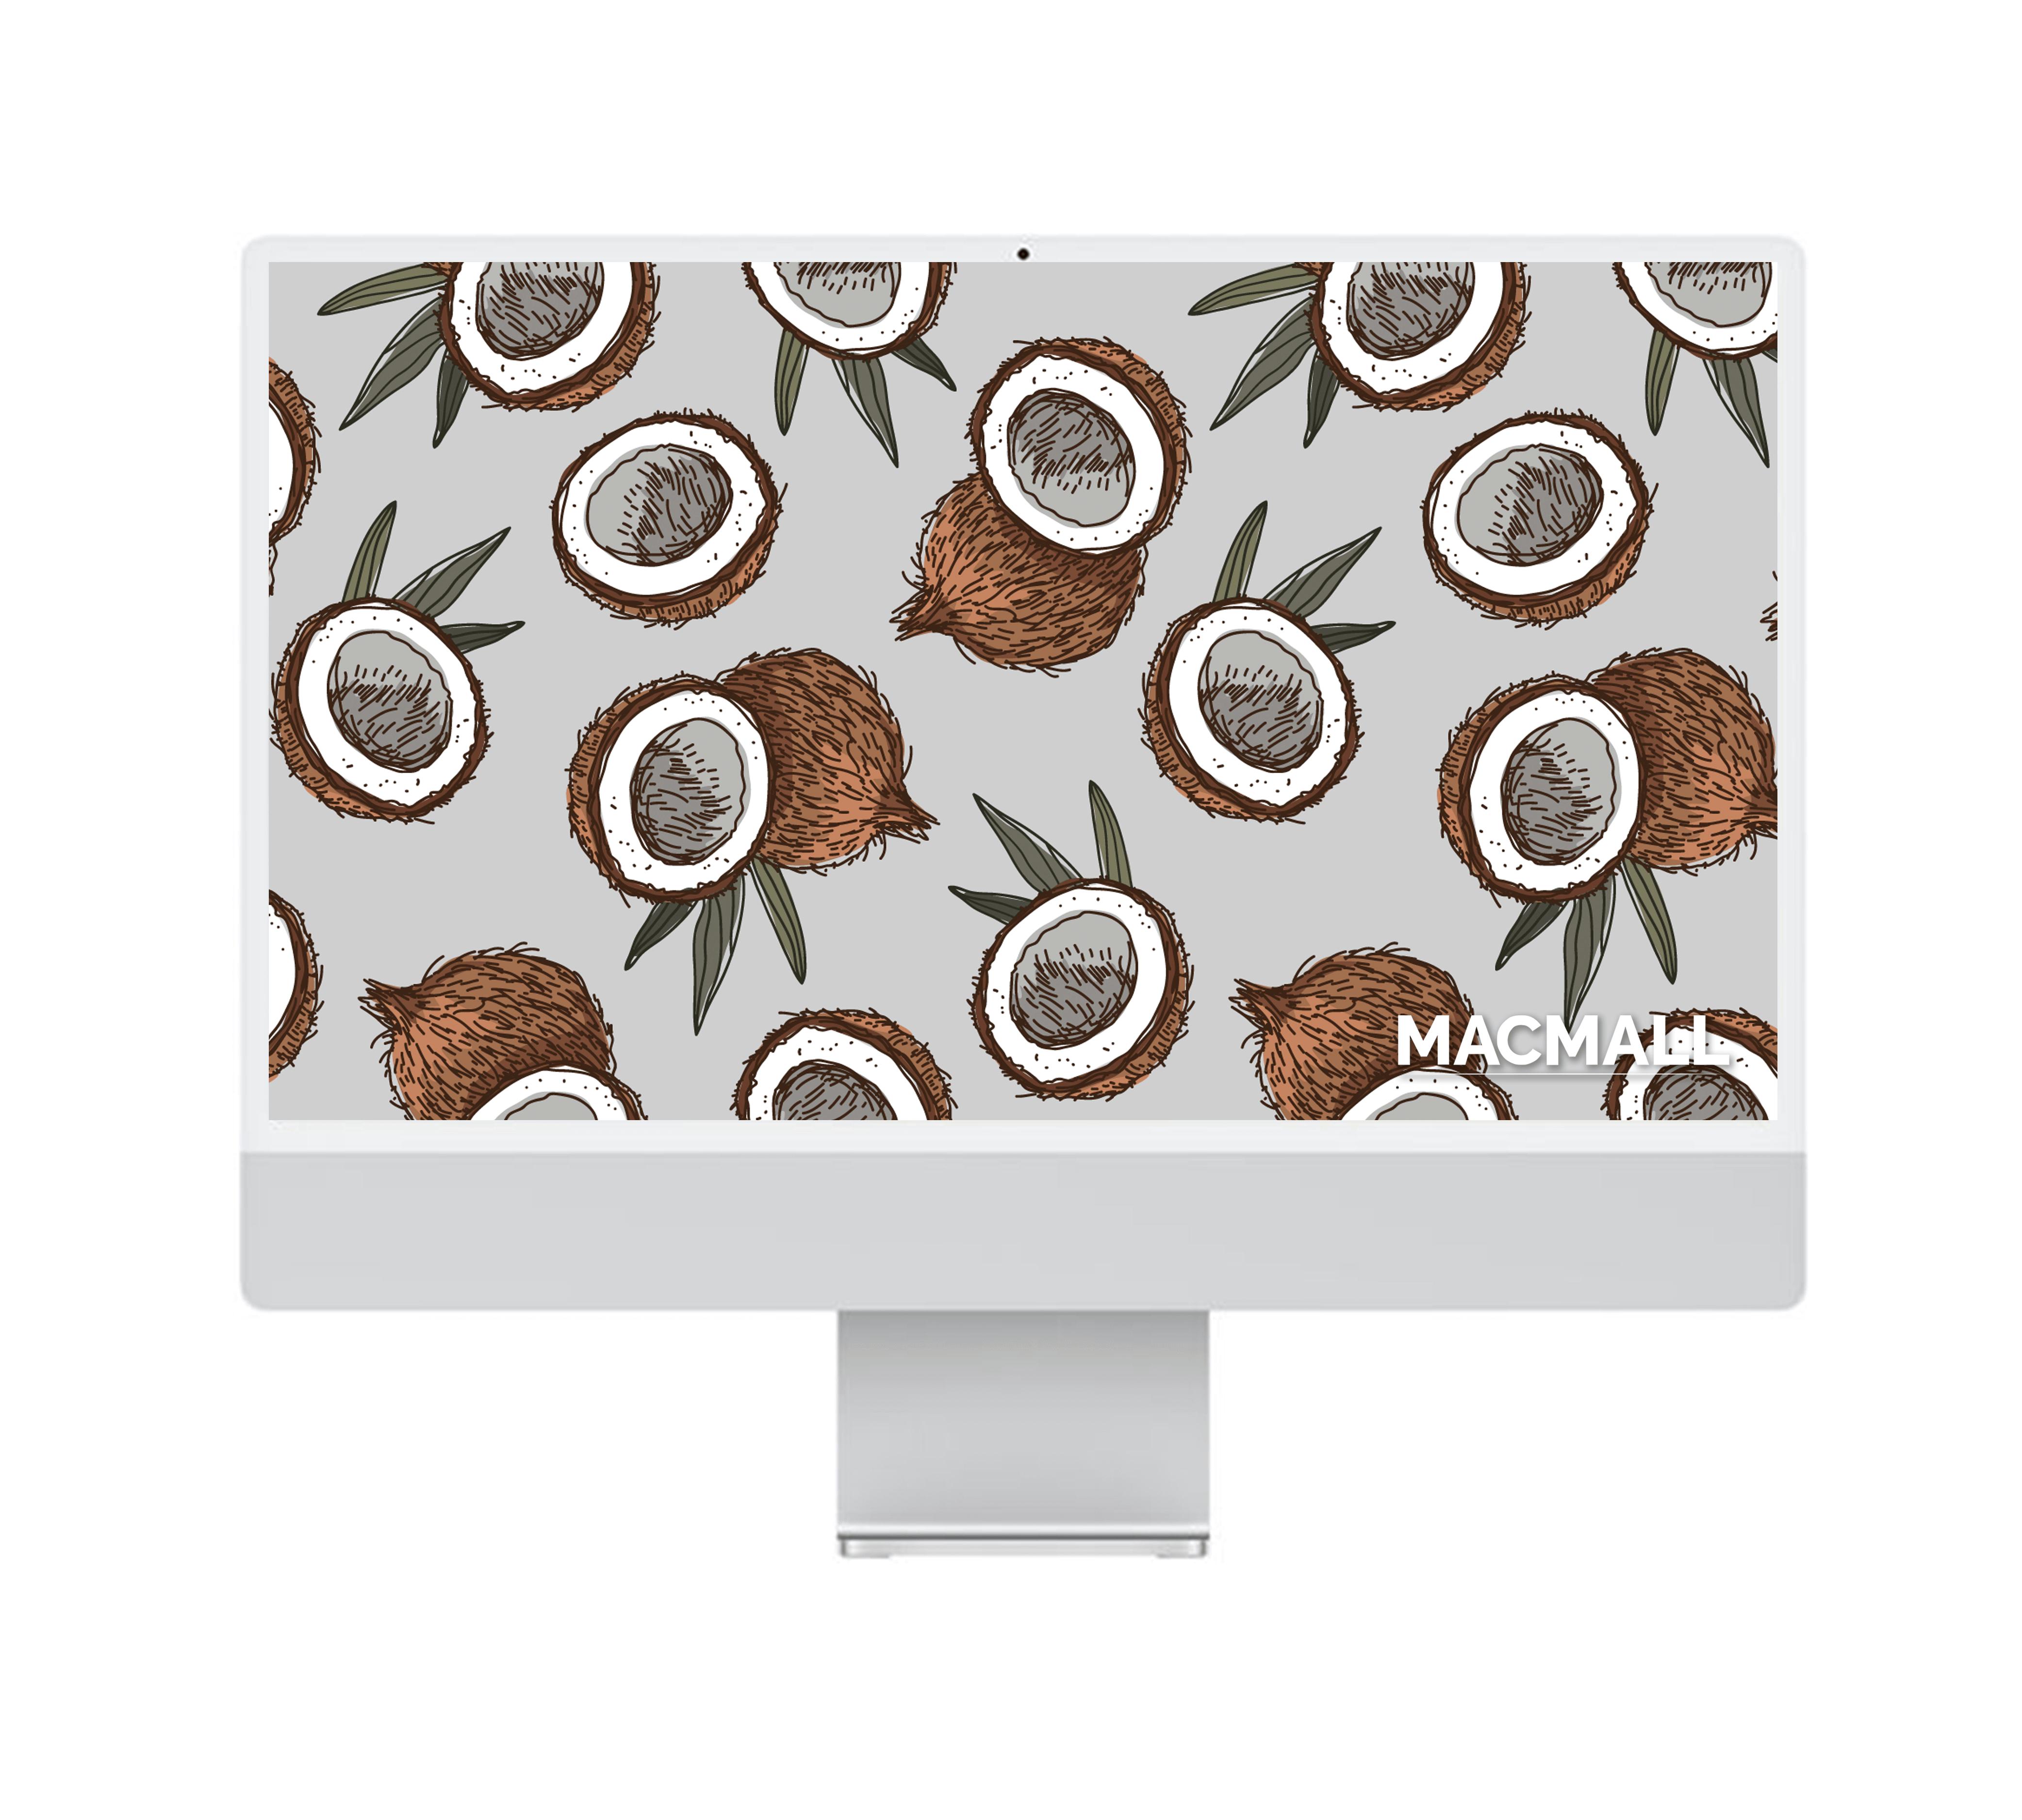 iMac 24-inch Silver 2021 M1 / 8GB / 256GB or 512GB / GPU 8-core / Retina 4.5K (MGPC3)